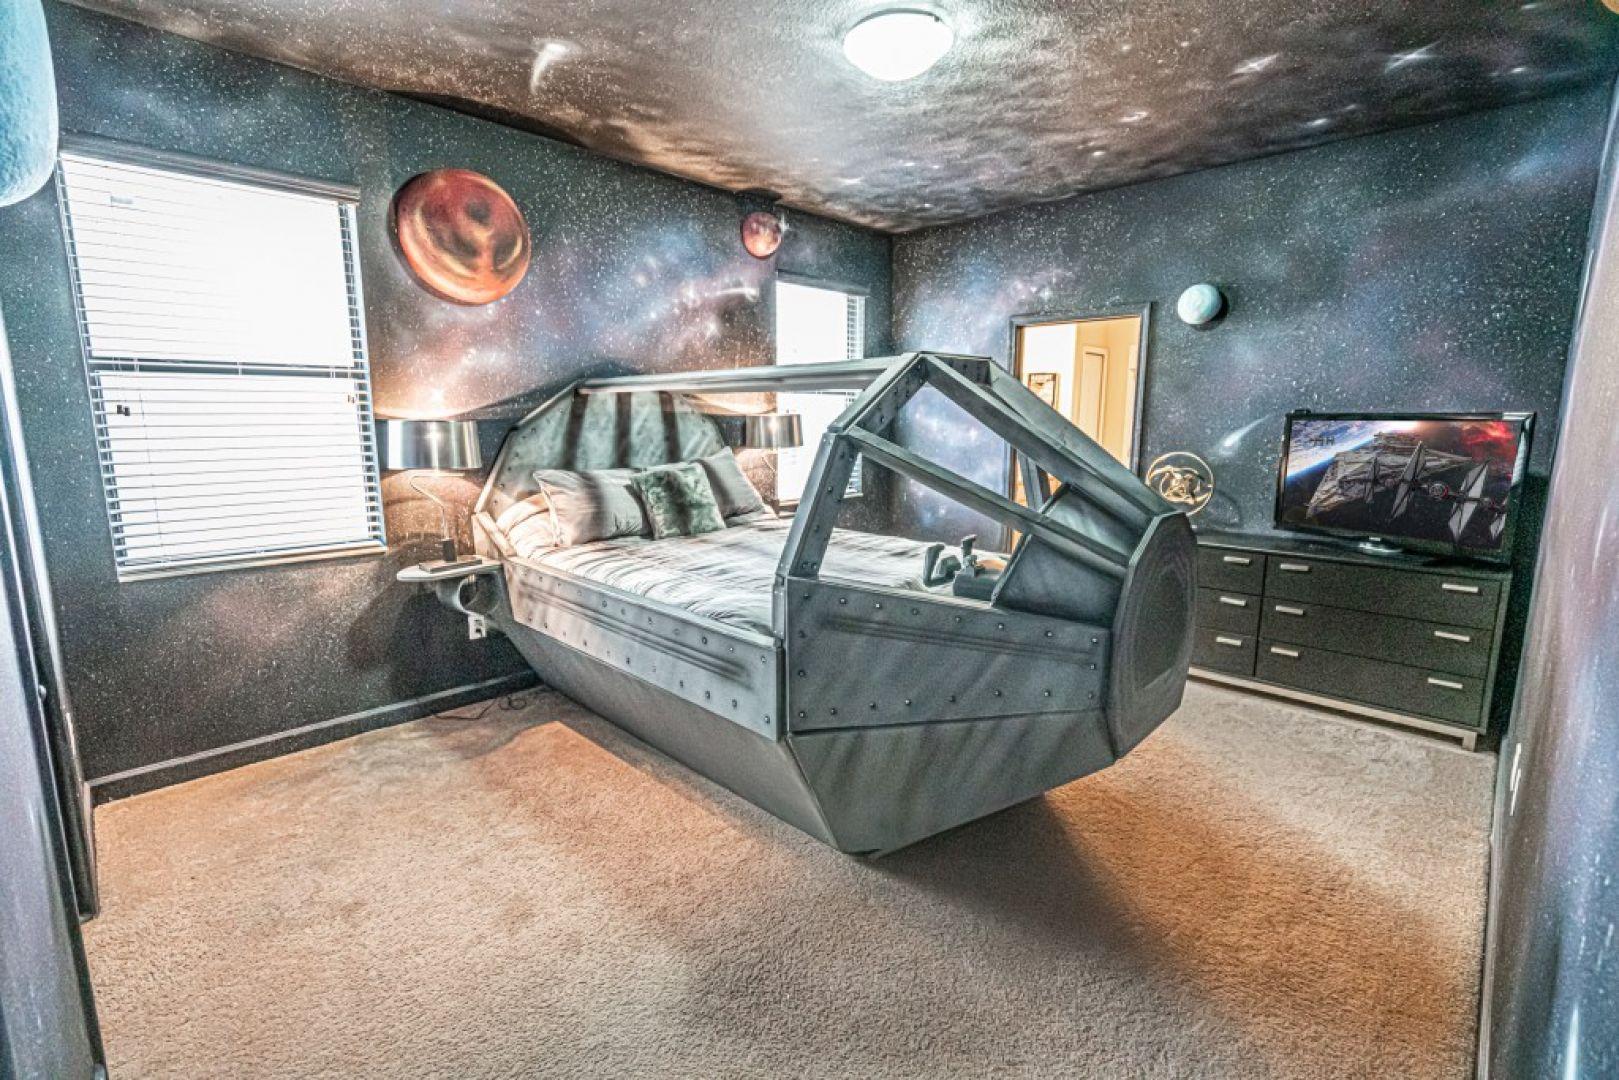 Dom inspirowany filmem Gwiezdne Wojny. Fot. Loma Homes